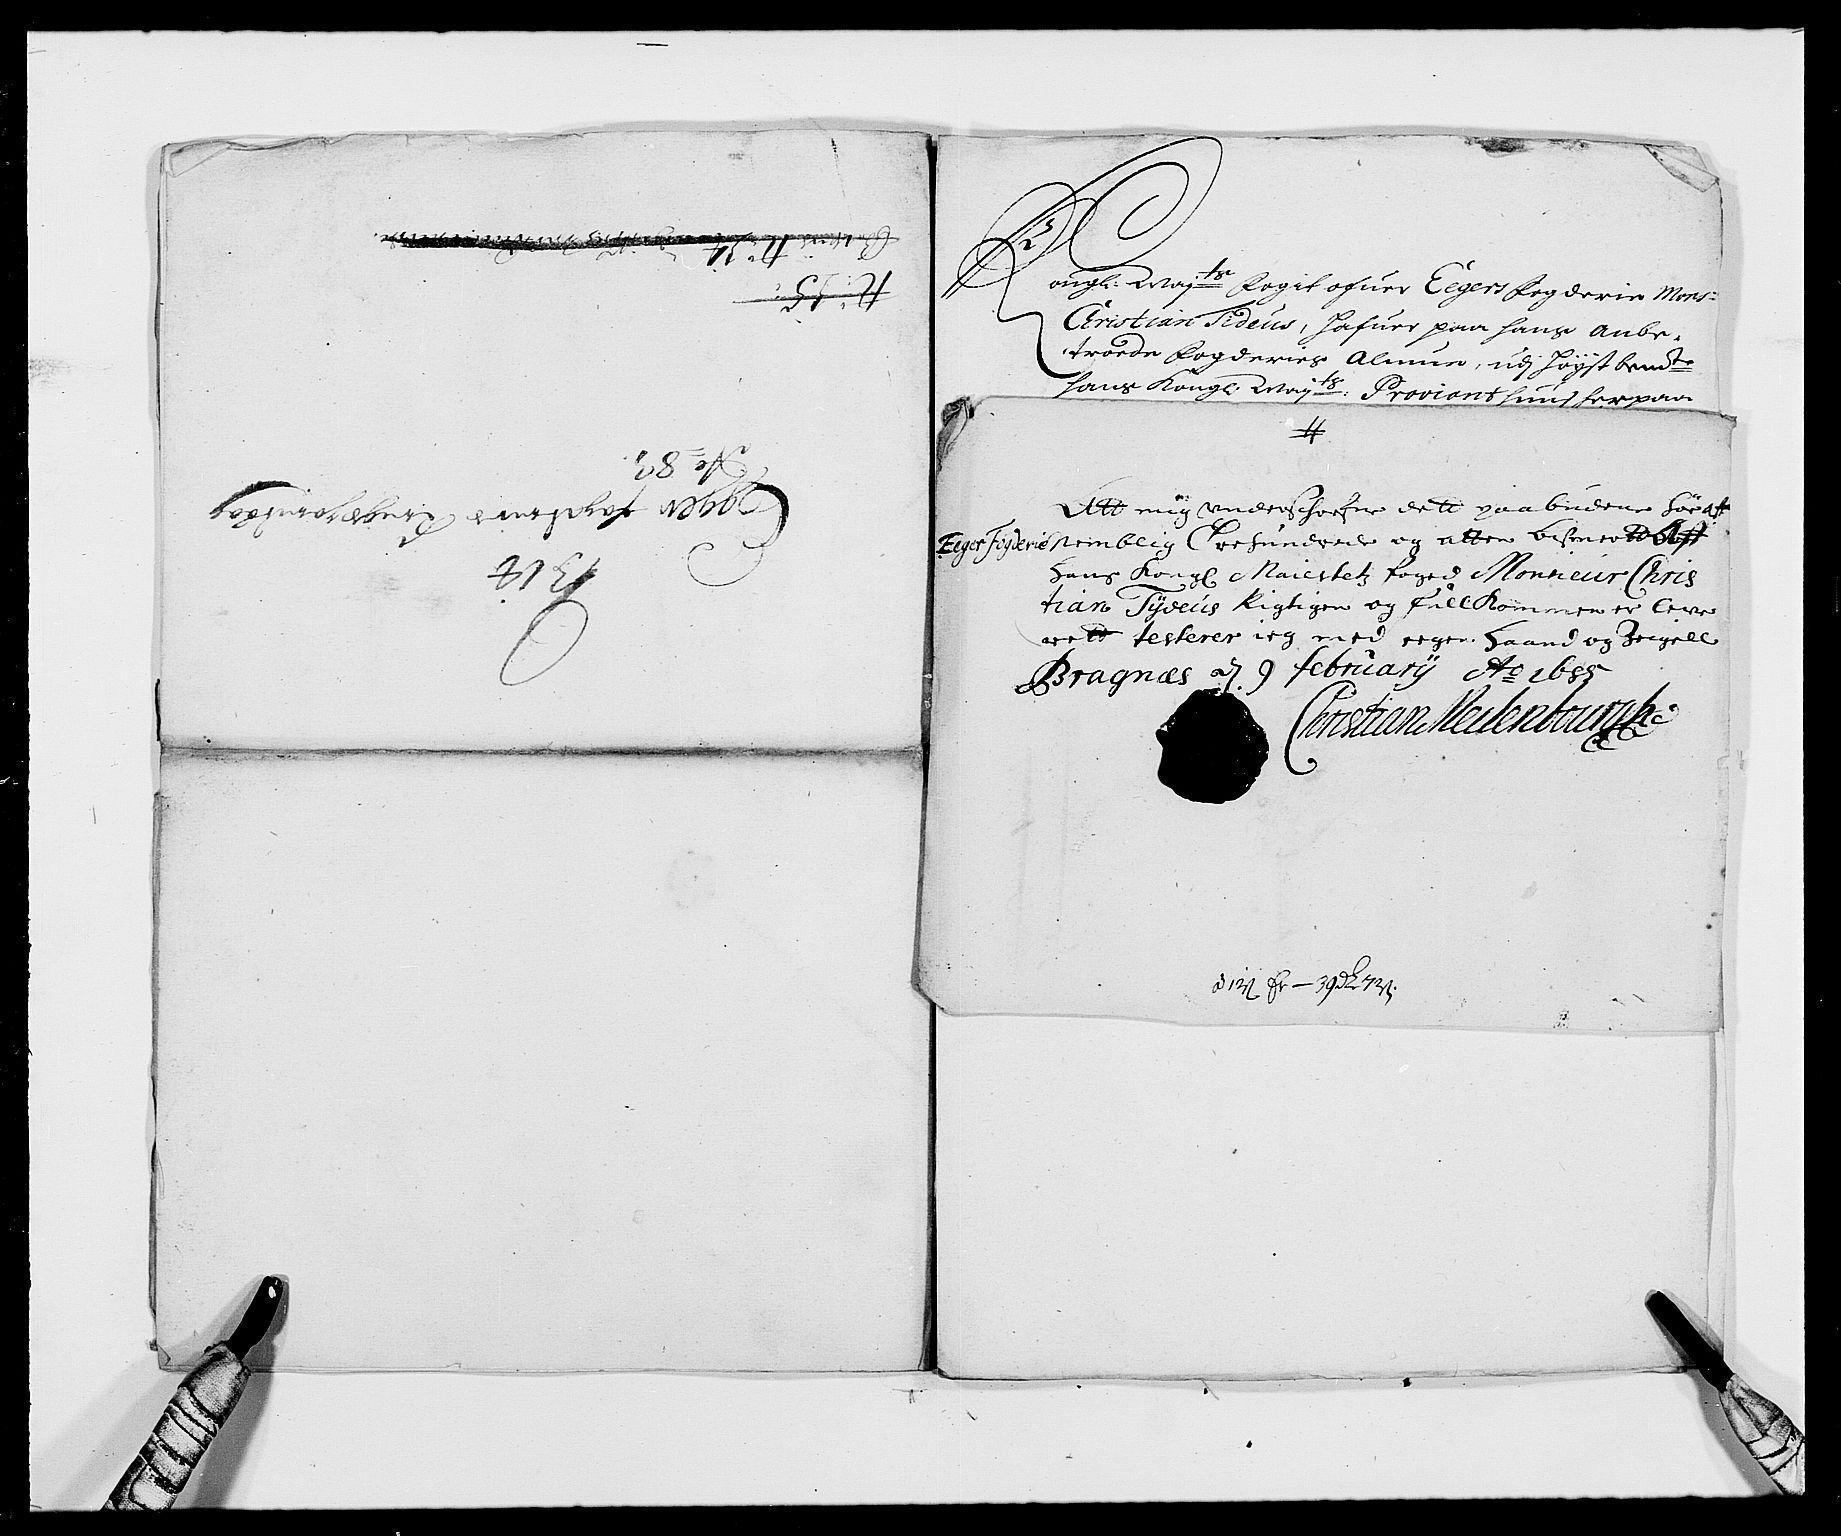 RA, Rentekammeret inntil 1814, Reviderte regnskaper, Fogderegnskap, R26/L1685: Fogderegnskap Eiker, 1679-1686, s. 269